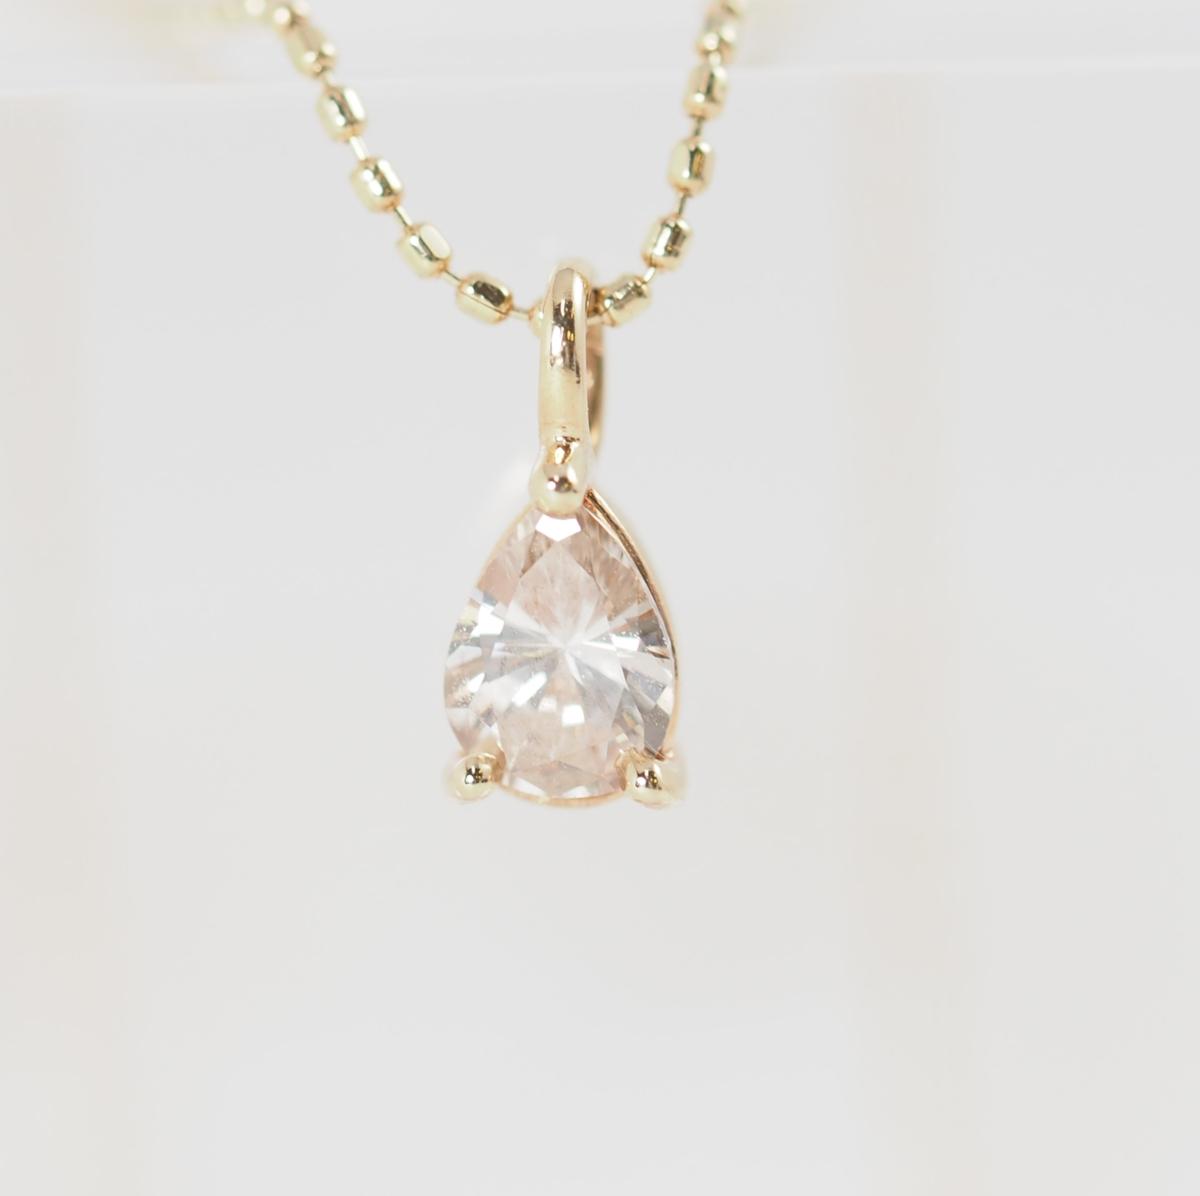 agete アガット ペアシェイプ ダイヤモンド0.21ct K10YG ネックレス [17754]_画像1